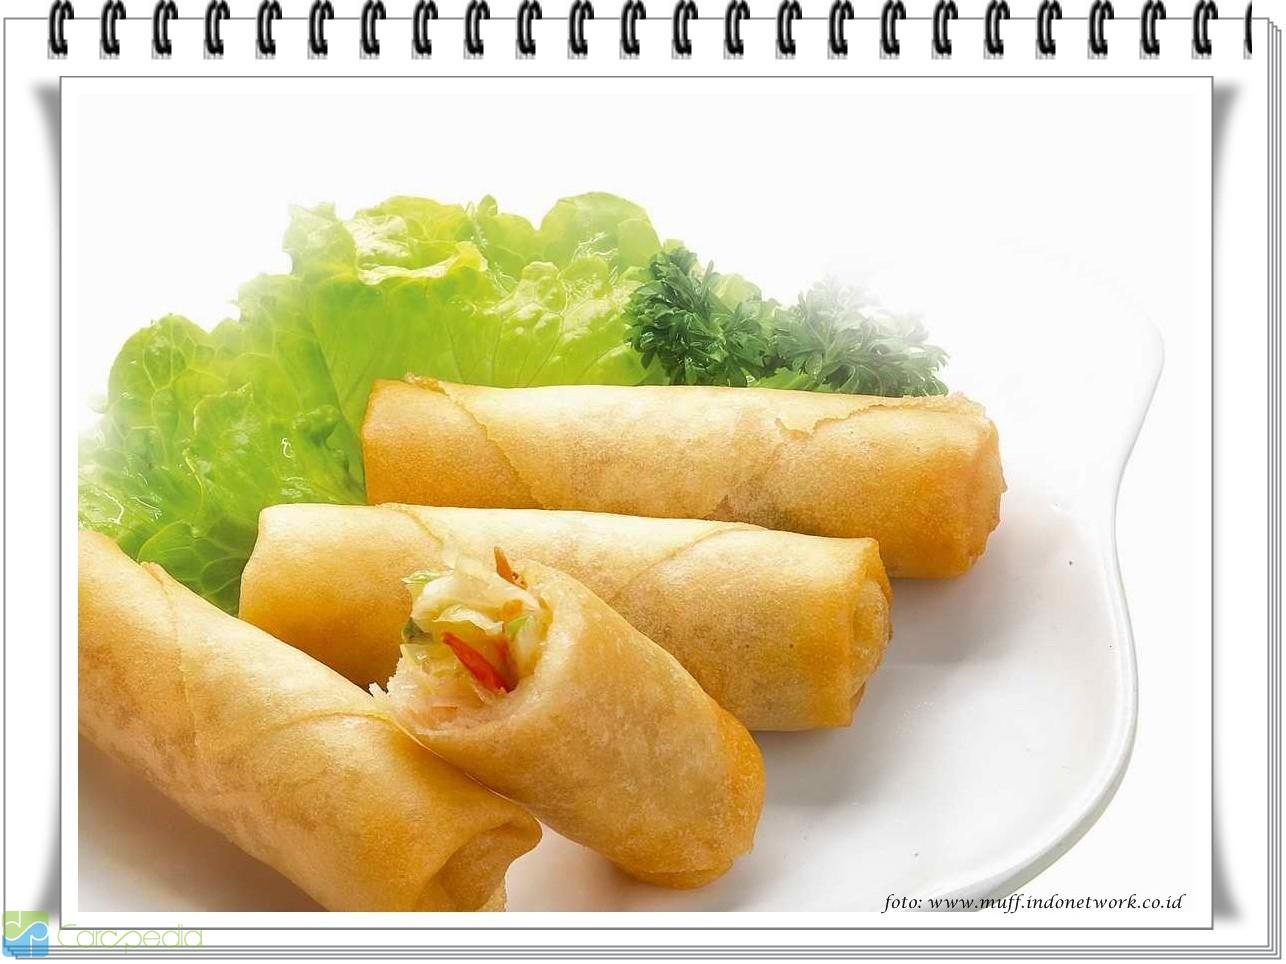 Aneka Makanan Ringan Cake Ideas and Designs